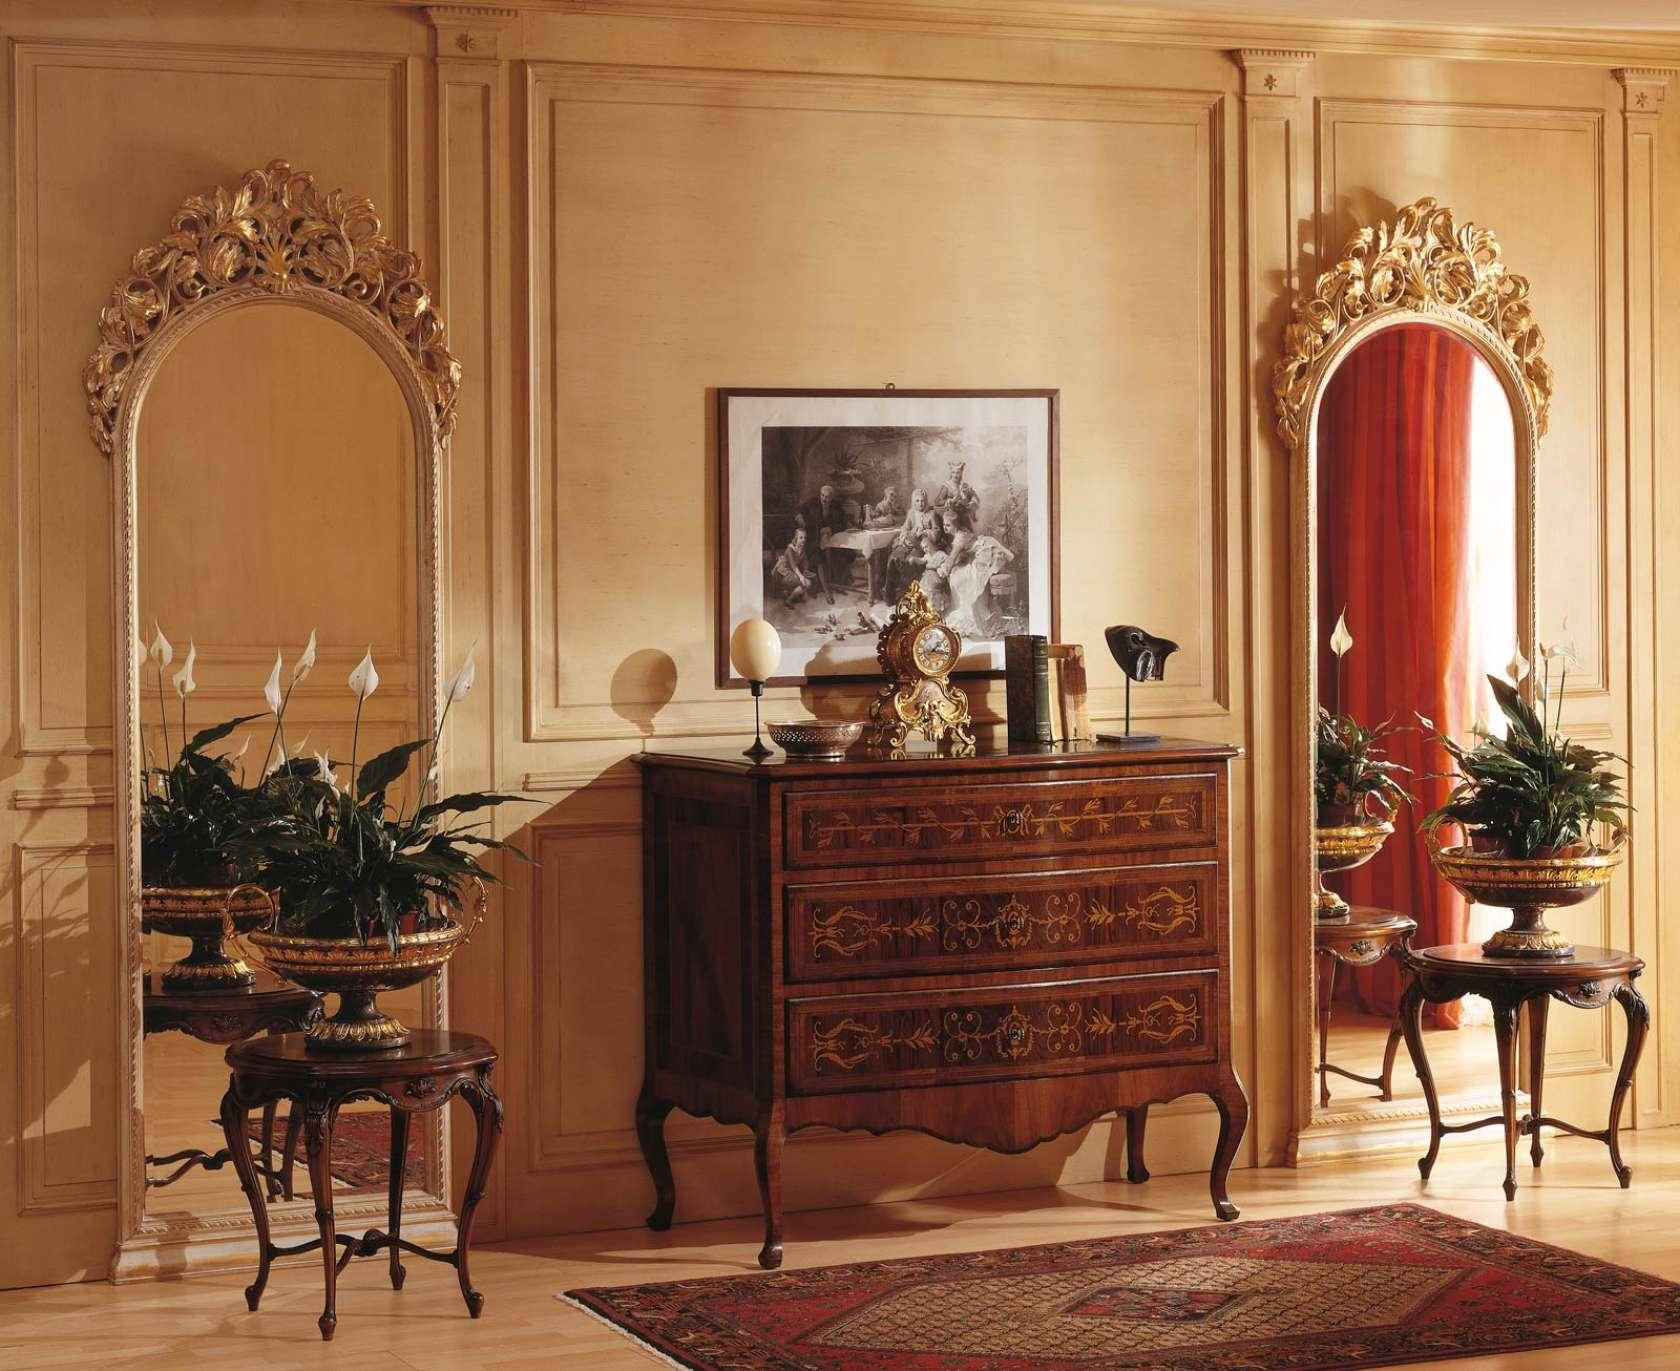 Camera da letto classica louvre com e specchi a muro vimercati meda - Specchi particolari per camera da letto ...